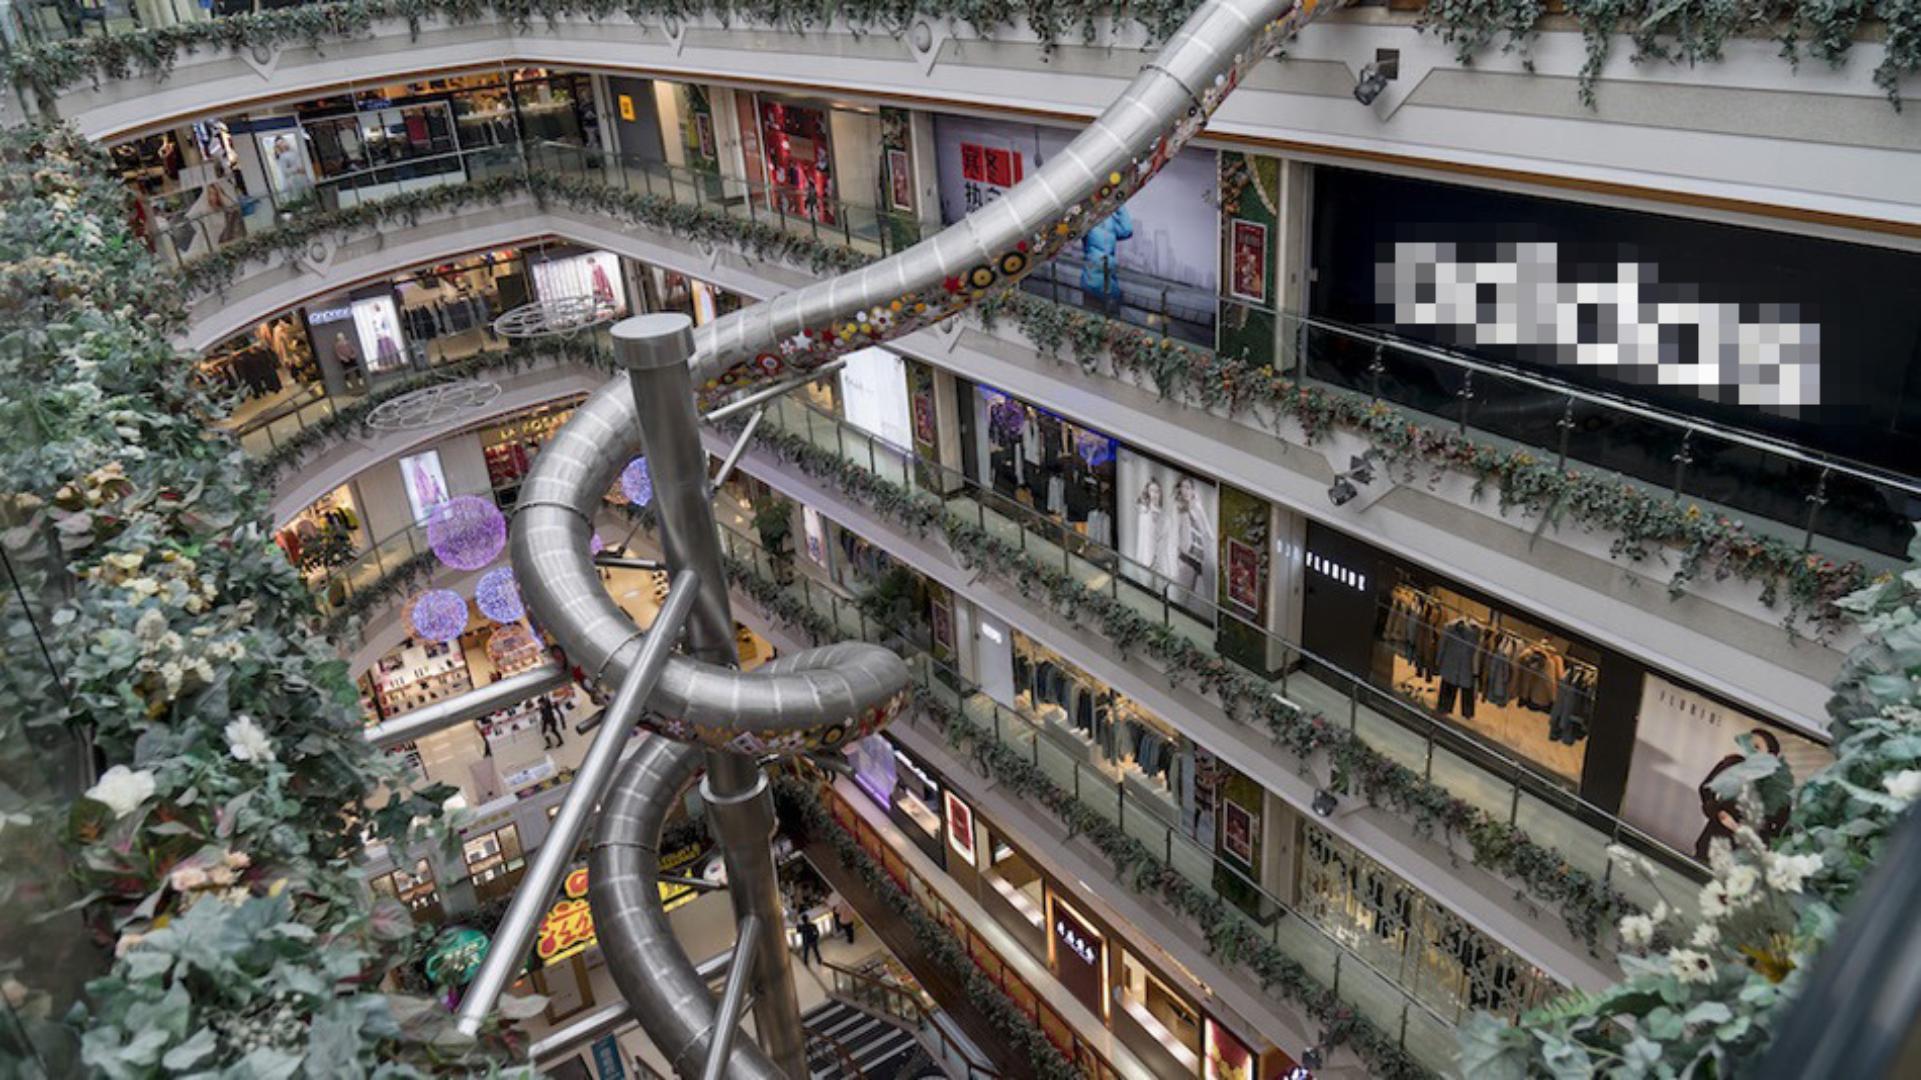 el tobogn ms alto del mundo atrae tantos visitantes cmo video telemundo